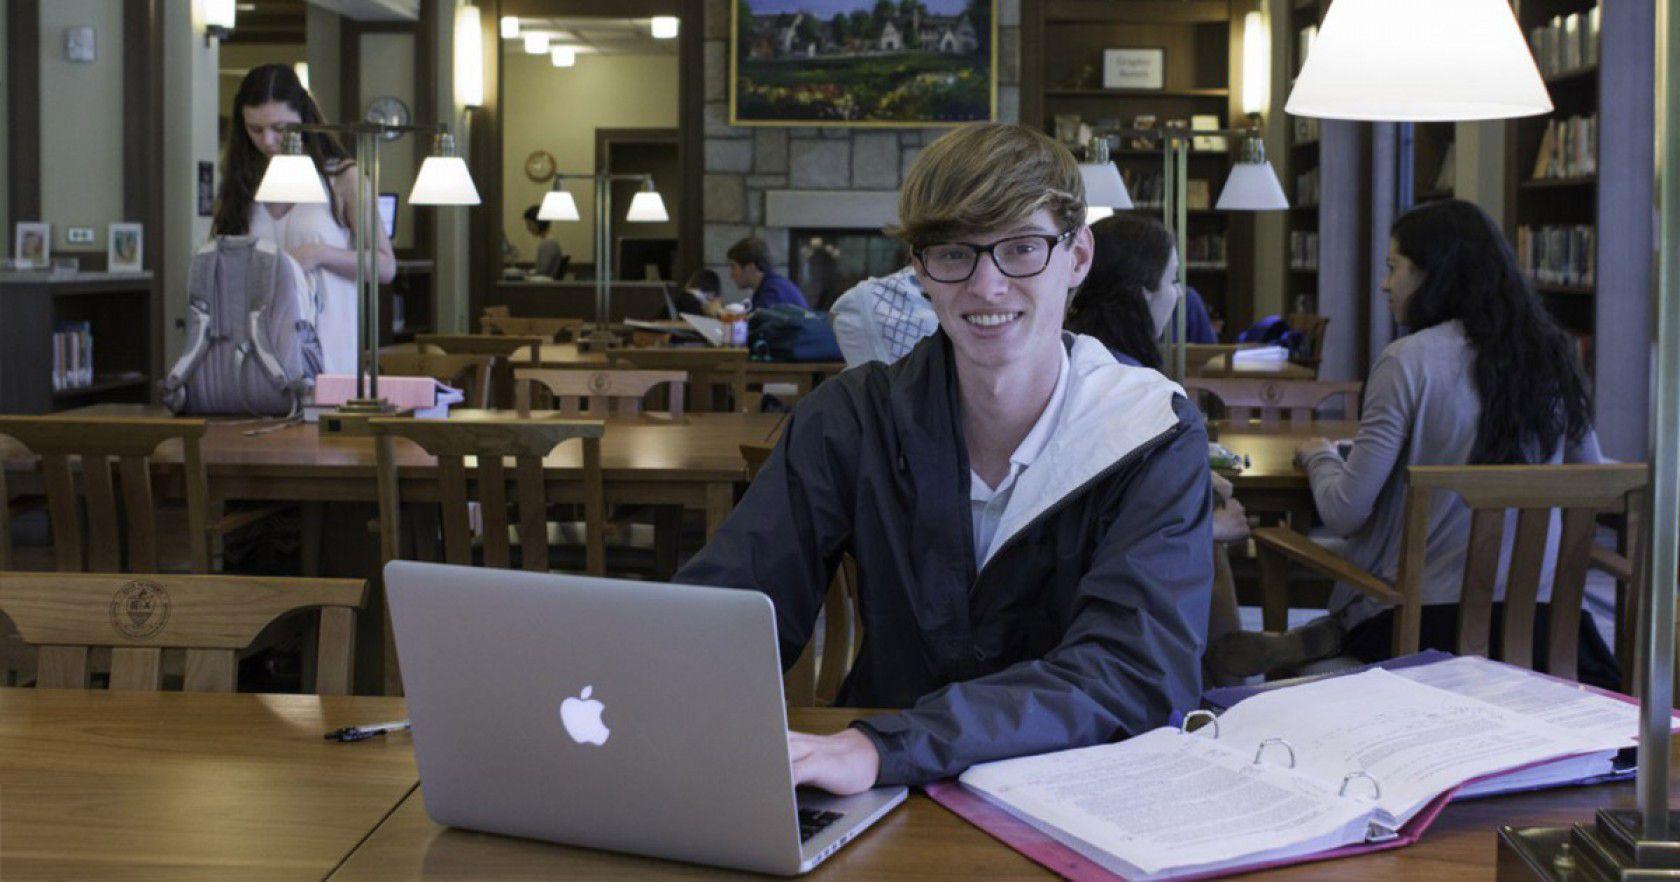 Kısa Sürede Fark Yaratmak İsteyen Öğrenciler için GMAT Sınavı Hazırlık Programları ile Alakalı Tüm Detaylar